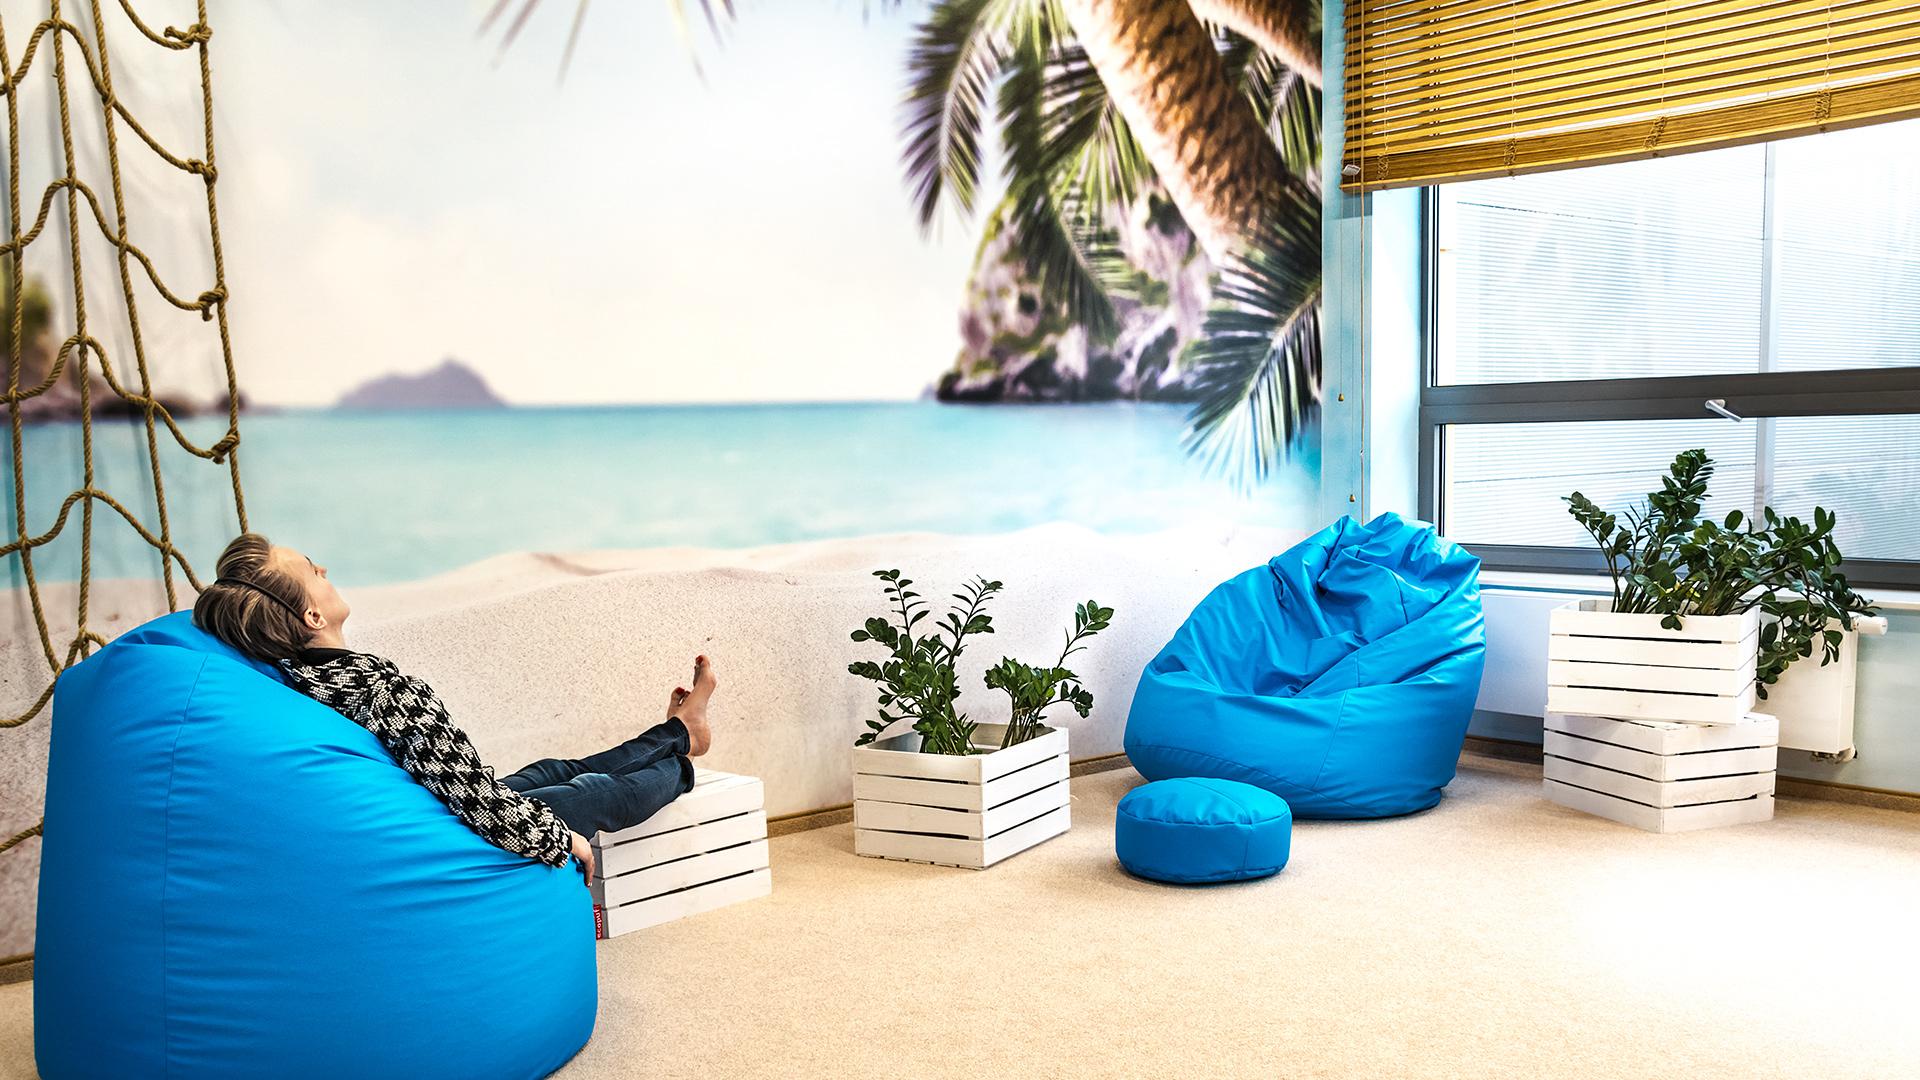 Pokój rekreacyjny w plażowym klimacie pozwala pracownikom open space na chwilę wytchnienia.